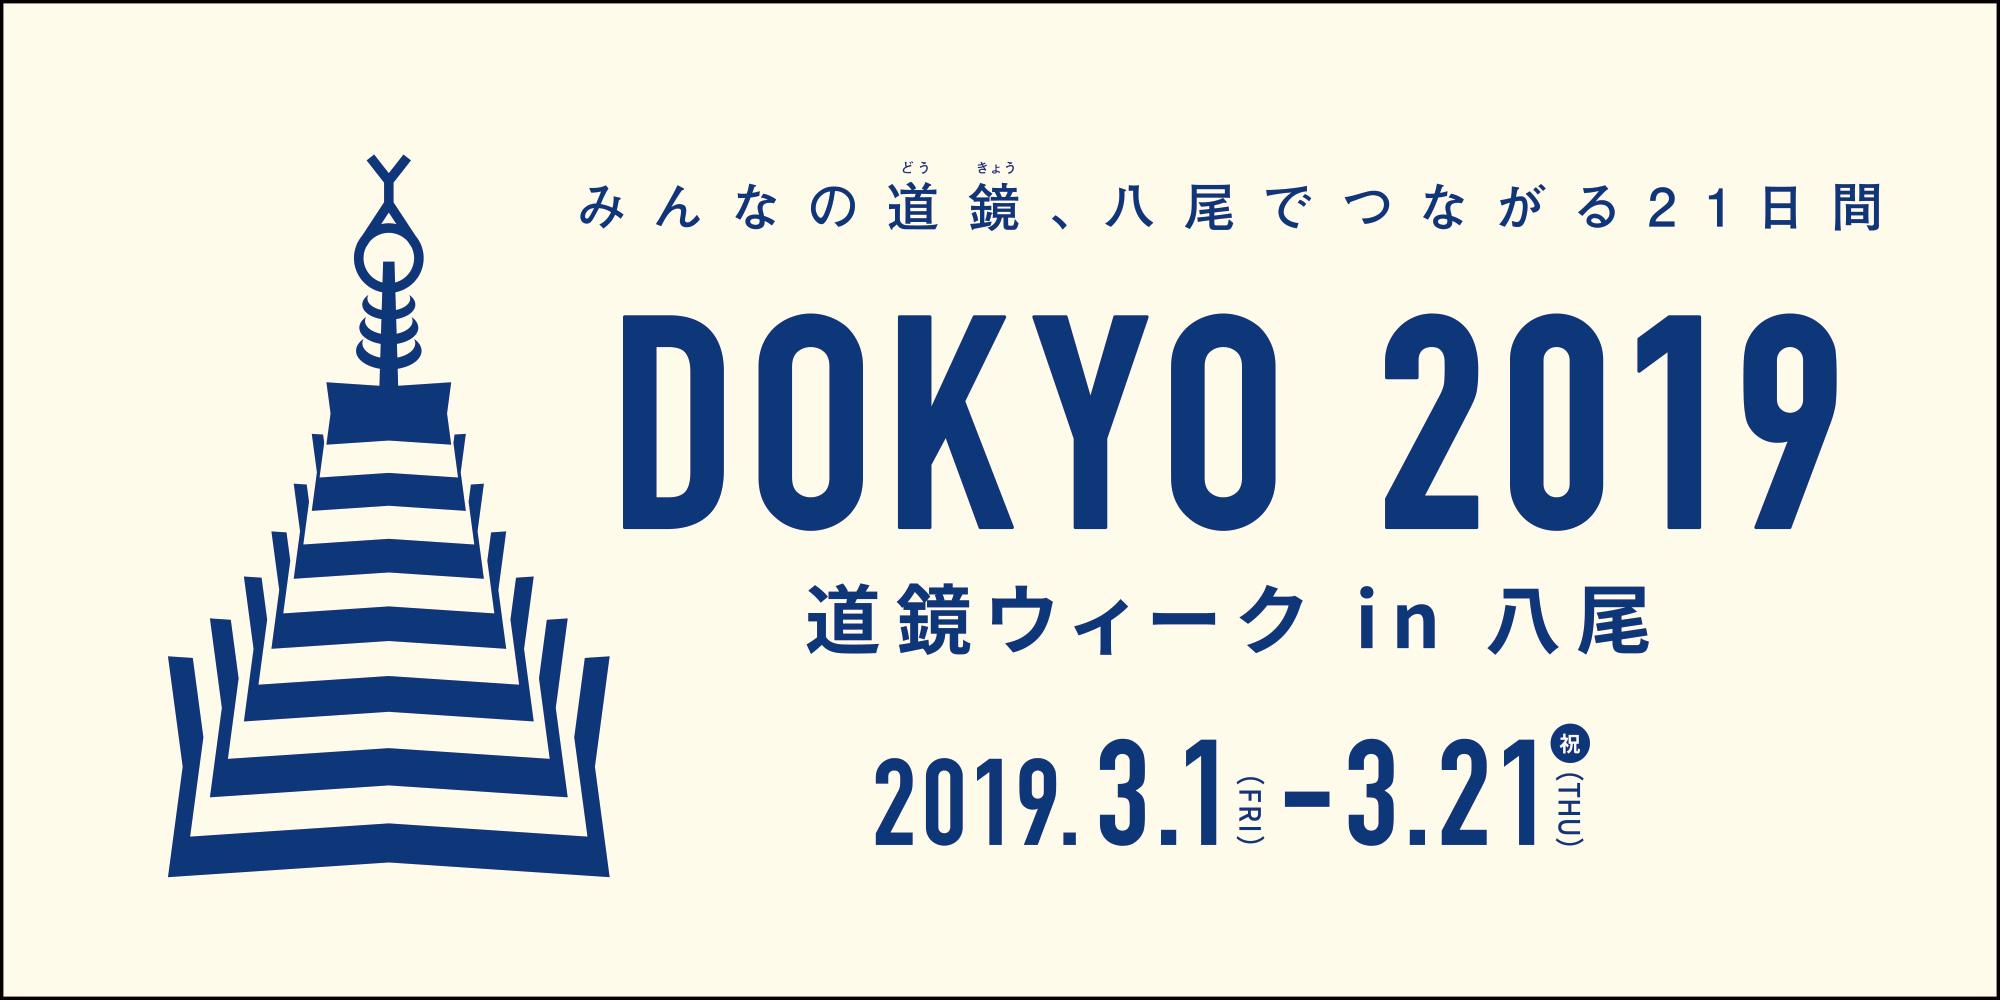 道鏡ウィーク in 八尾(DOKYO2019)|大阪府八尾市